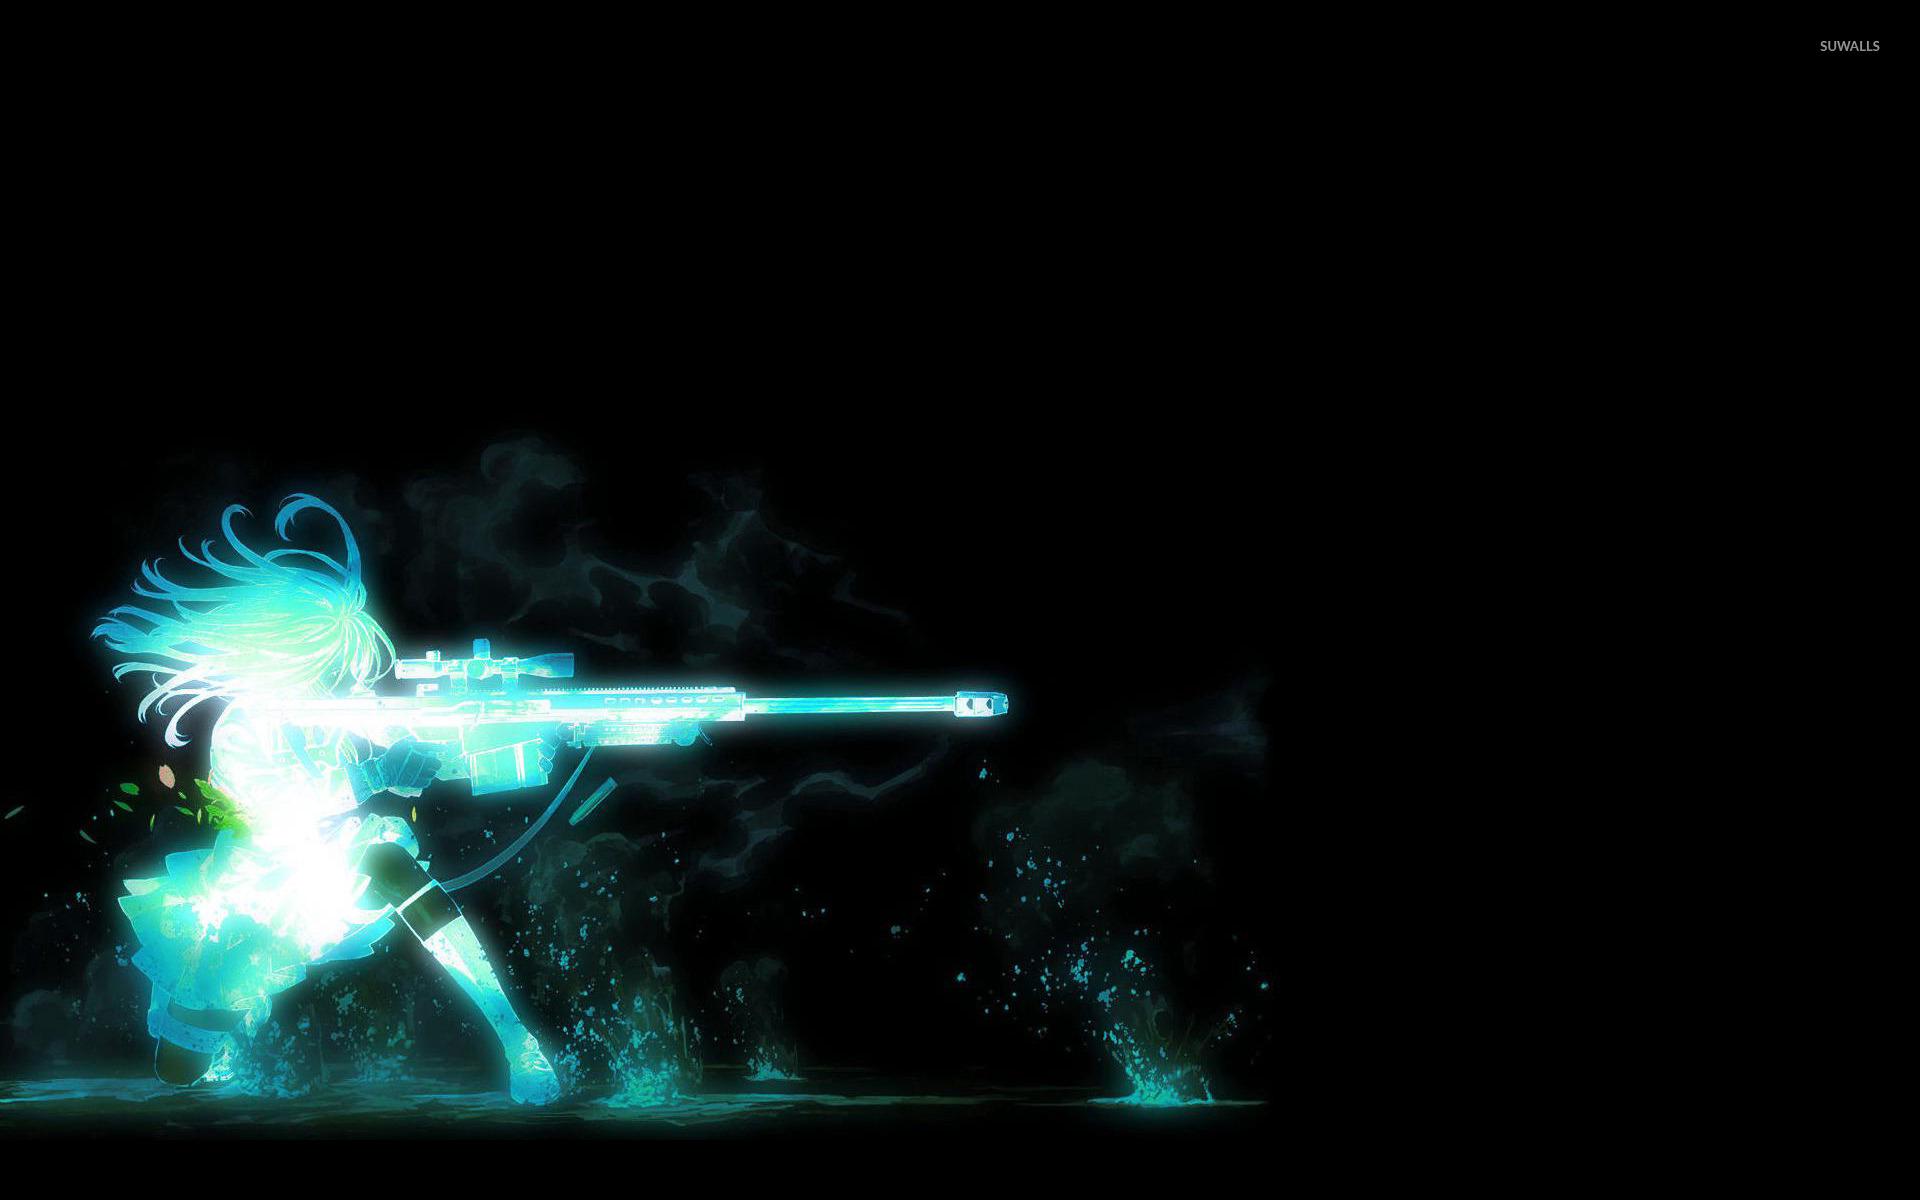 Sniper Girl wallpaper - Fantasy